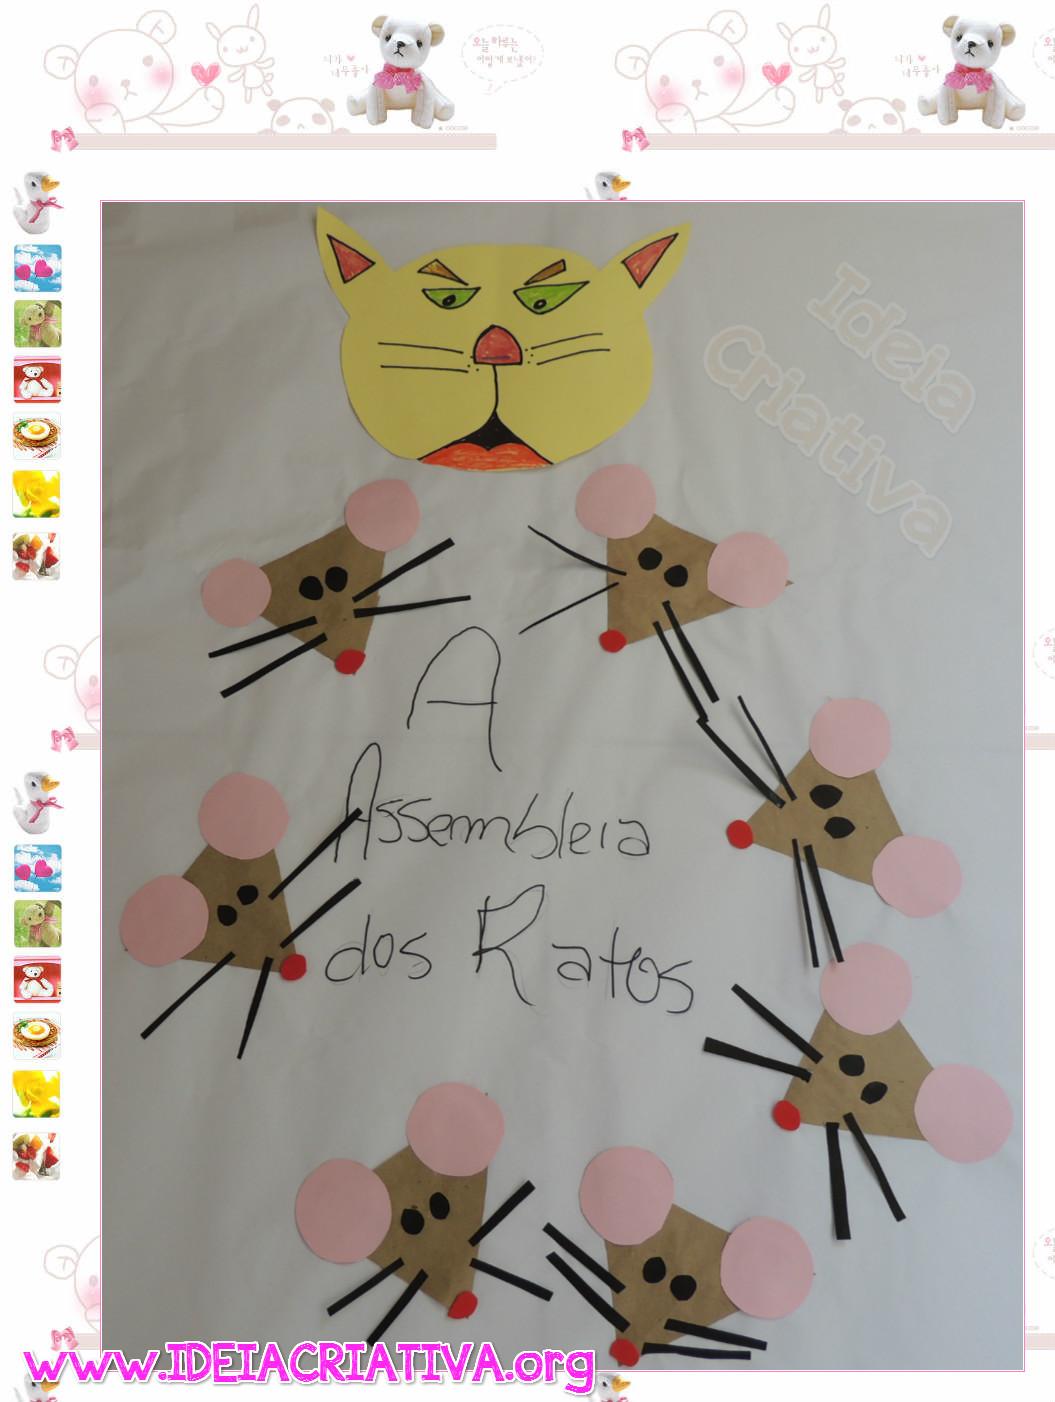 Painel Fábula A Assemb leia dos Ratos Monteiro Lobato Rato de Formas Geométricas